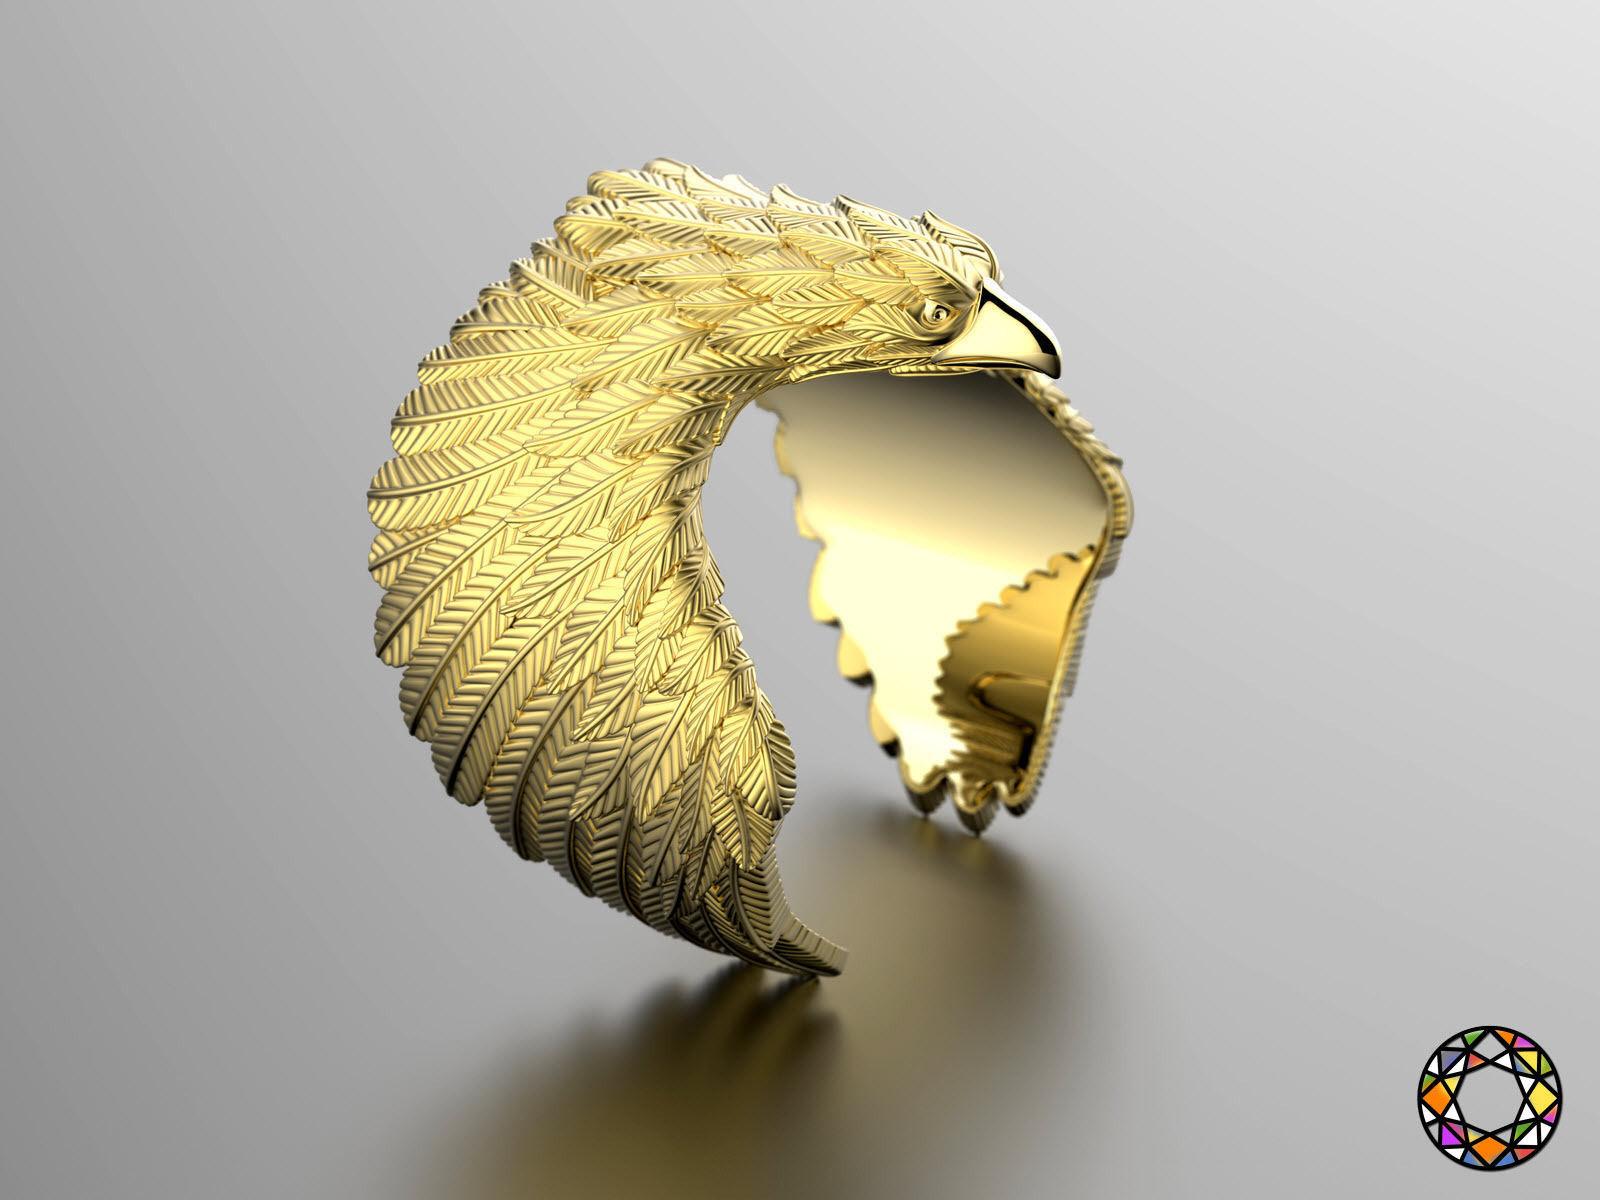 Eagle fashion ring 0156 2